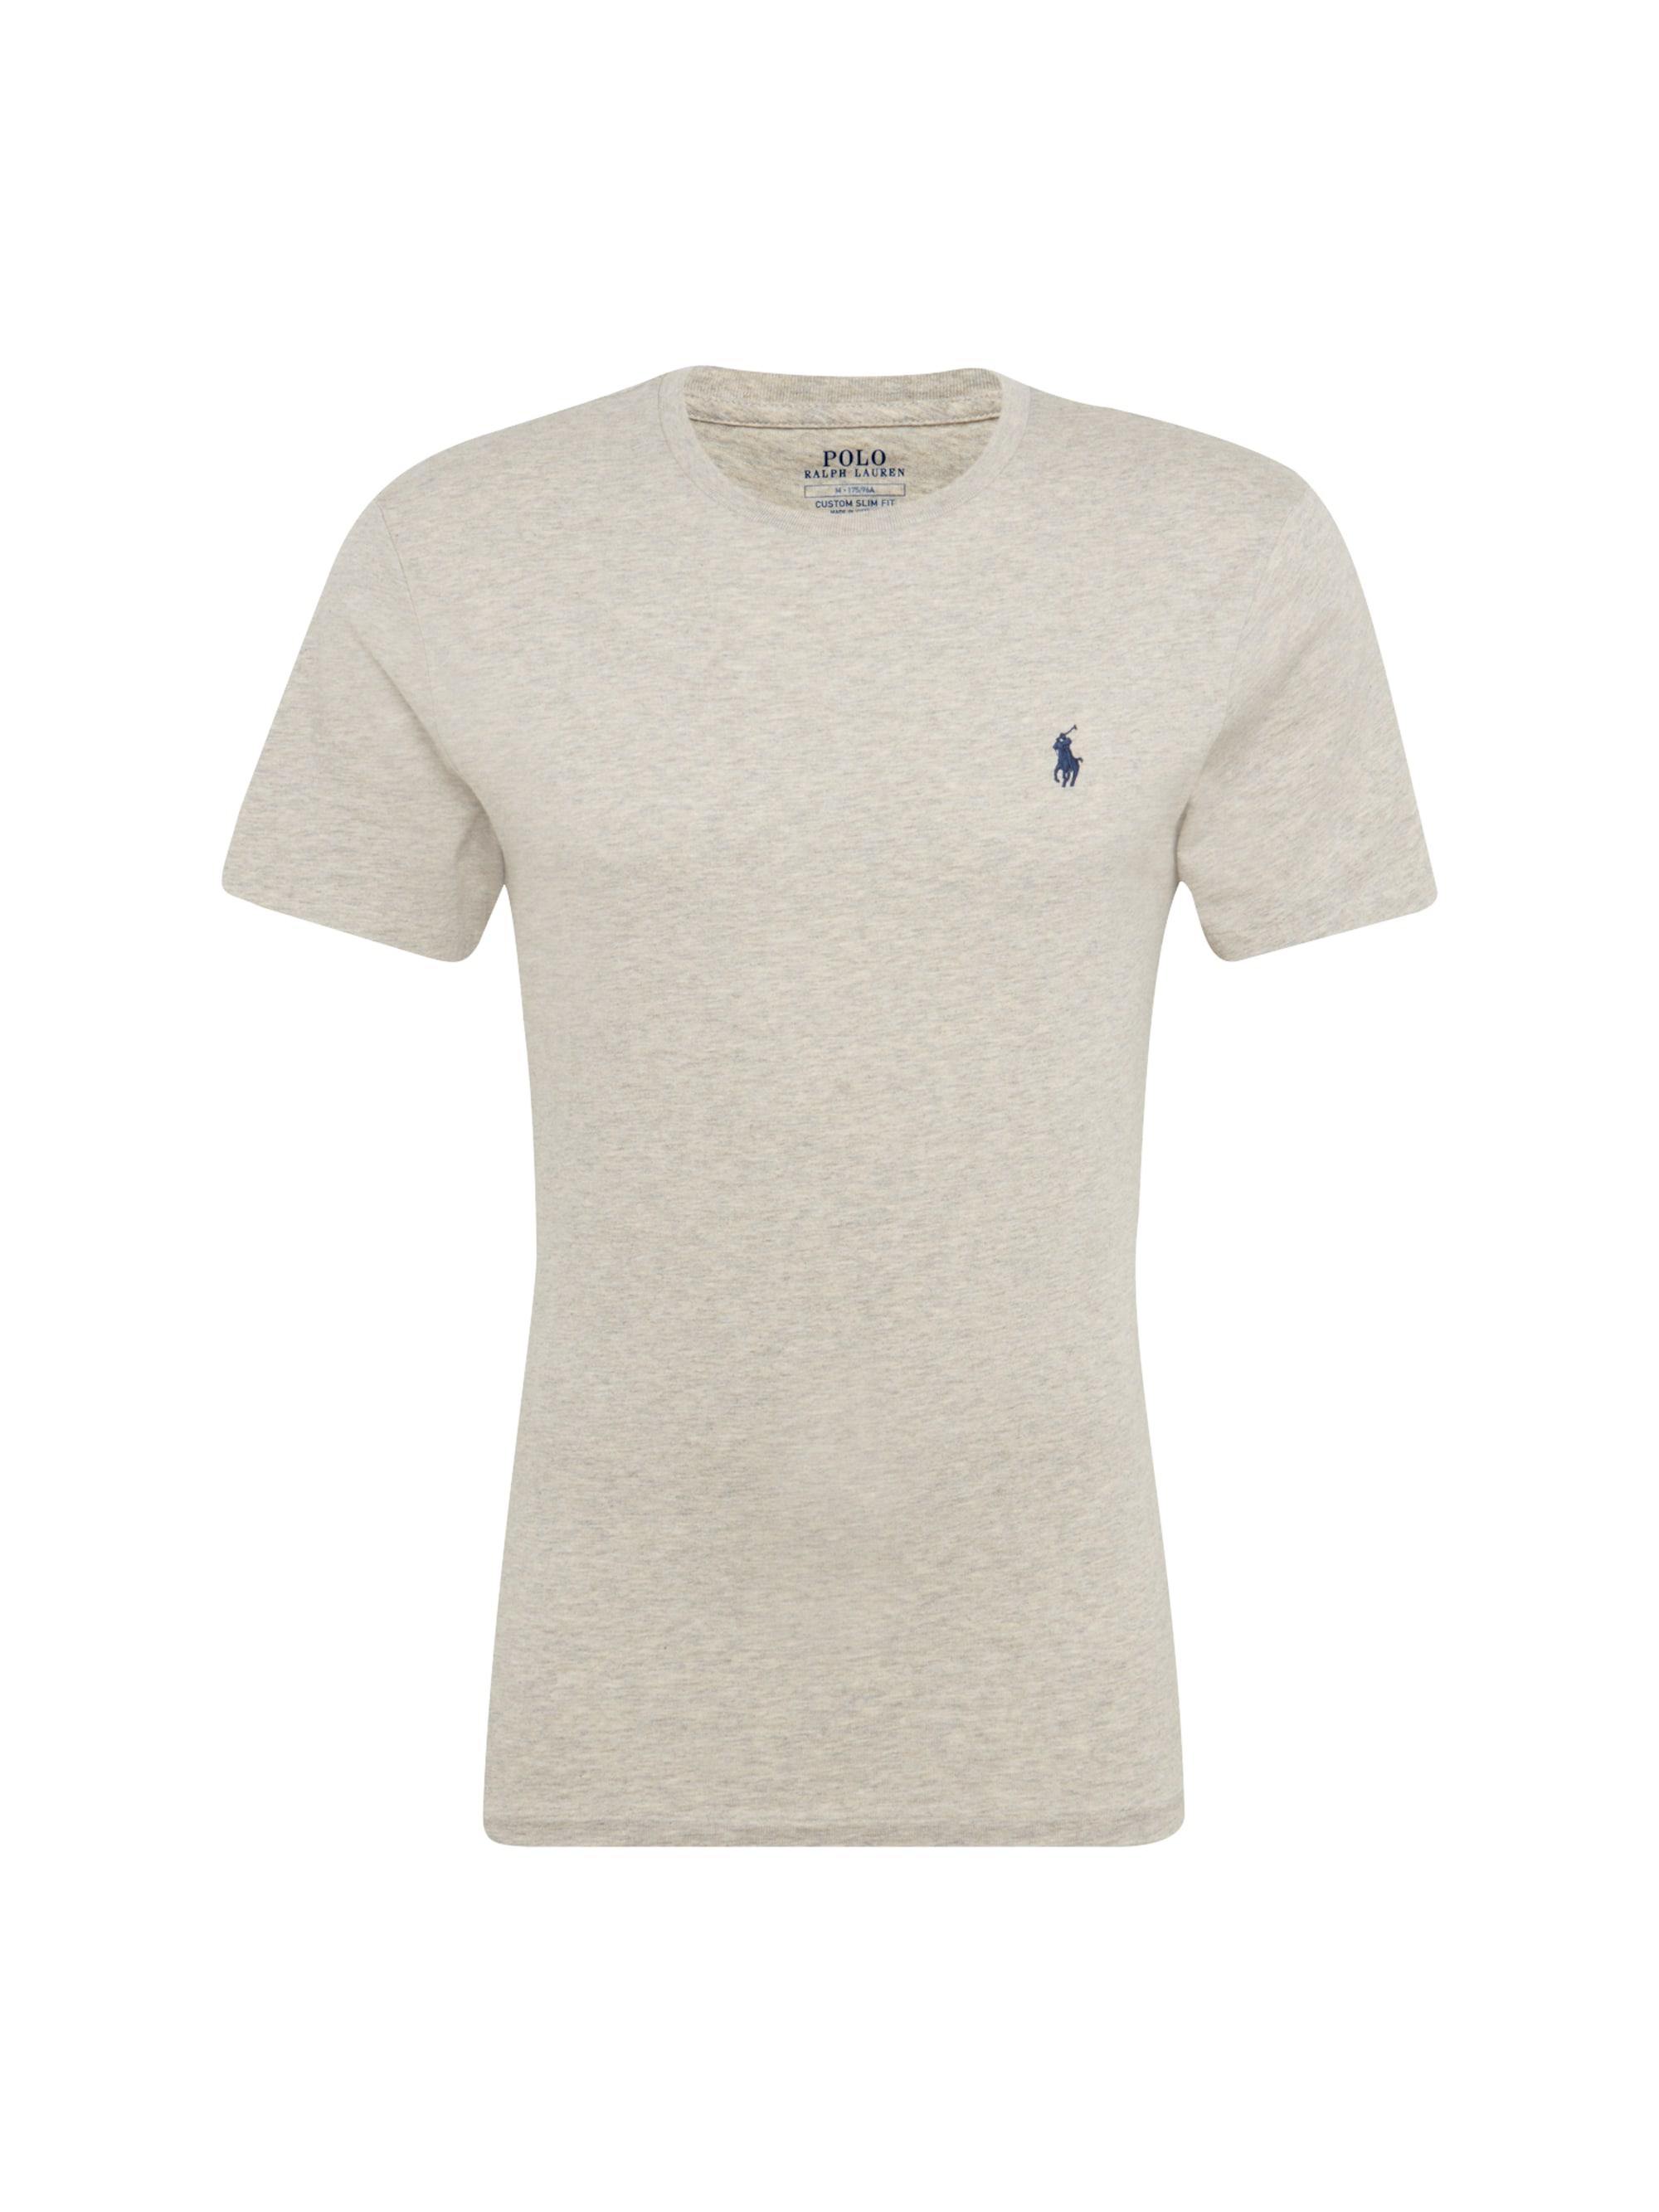 polo ralph lauren - T-Shirt ´SSCNM2-SHORT SLEEVE-T-SHIRT´